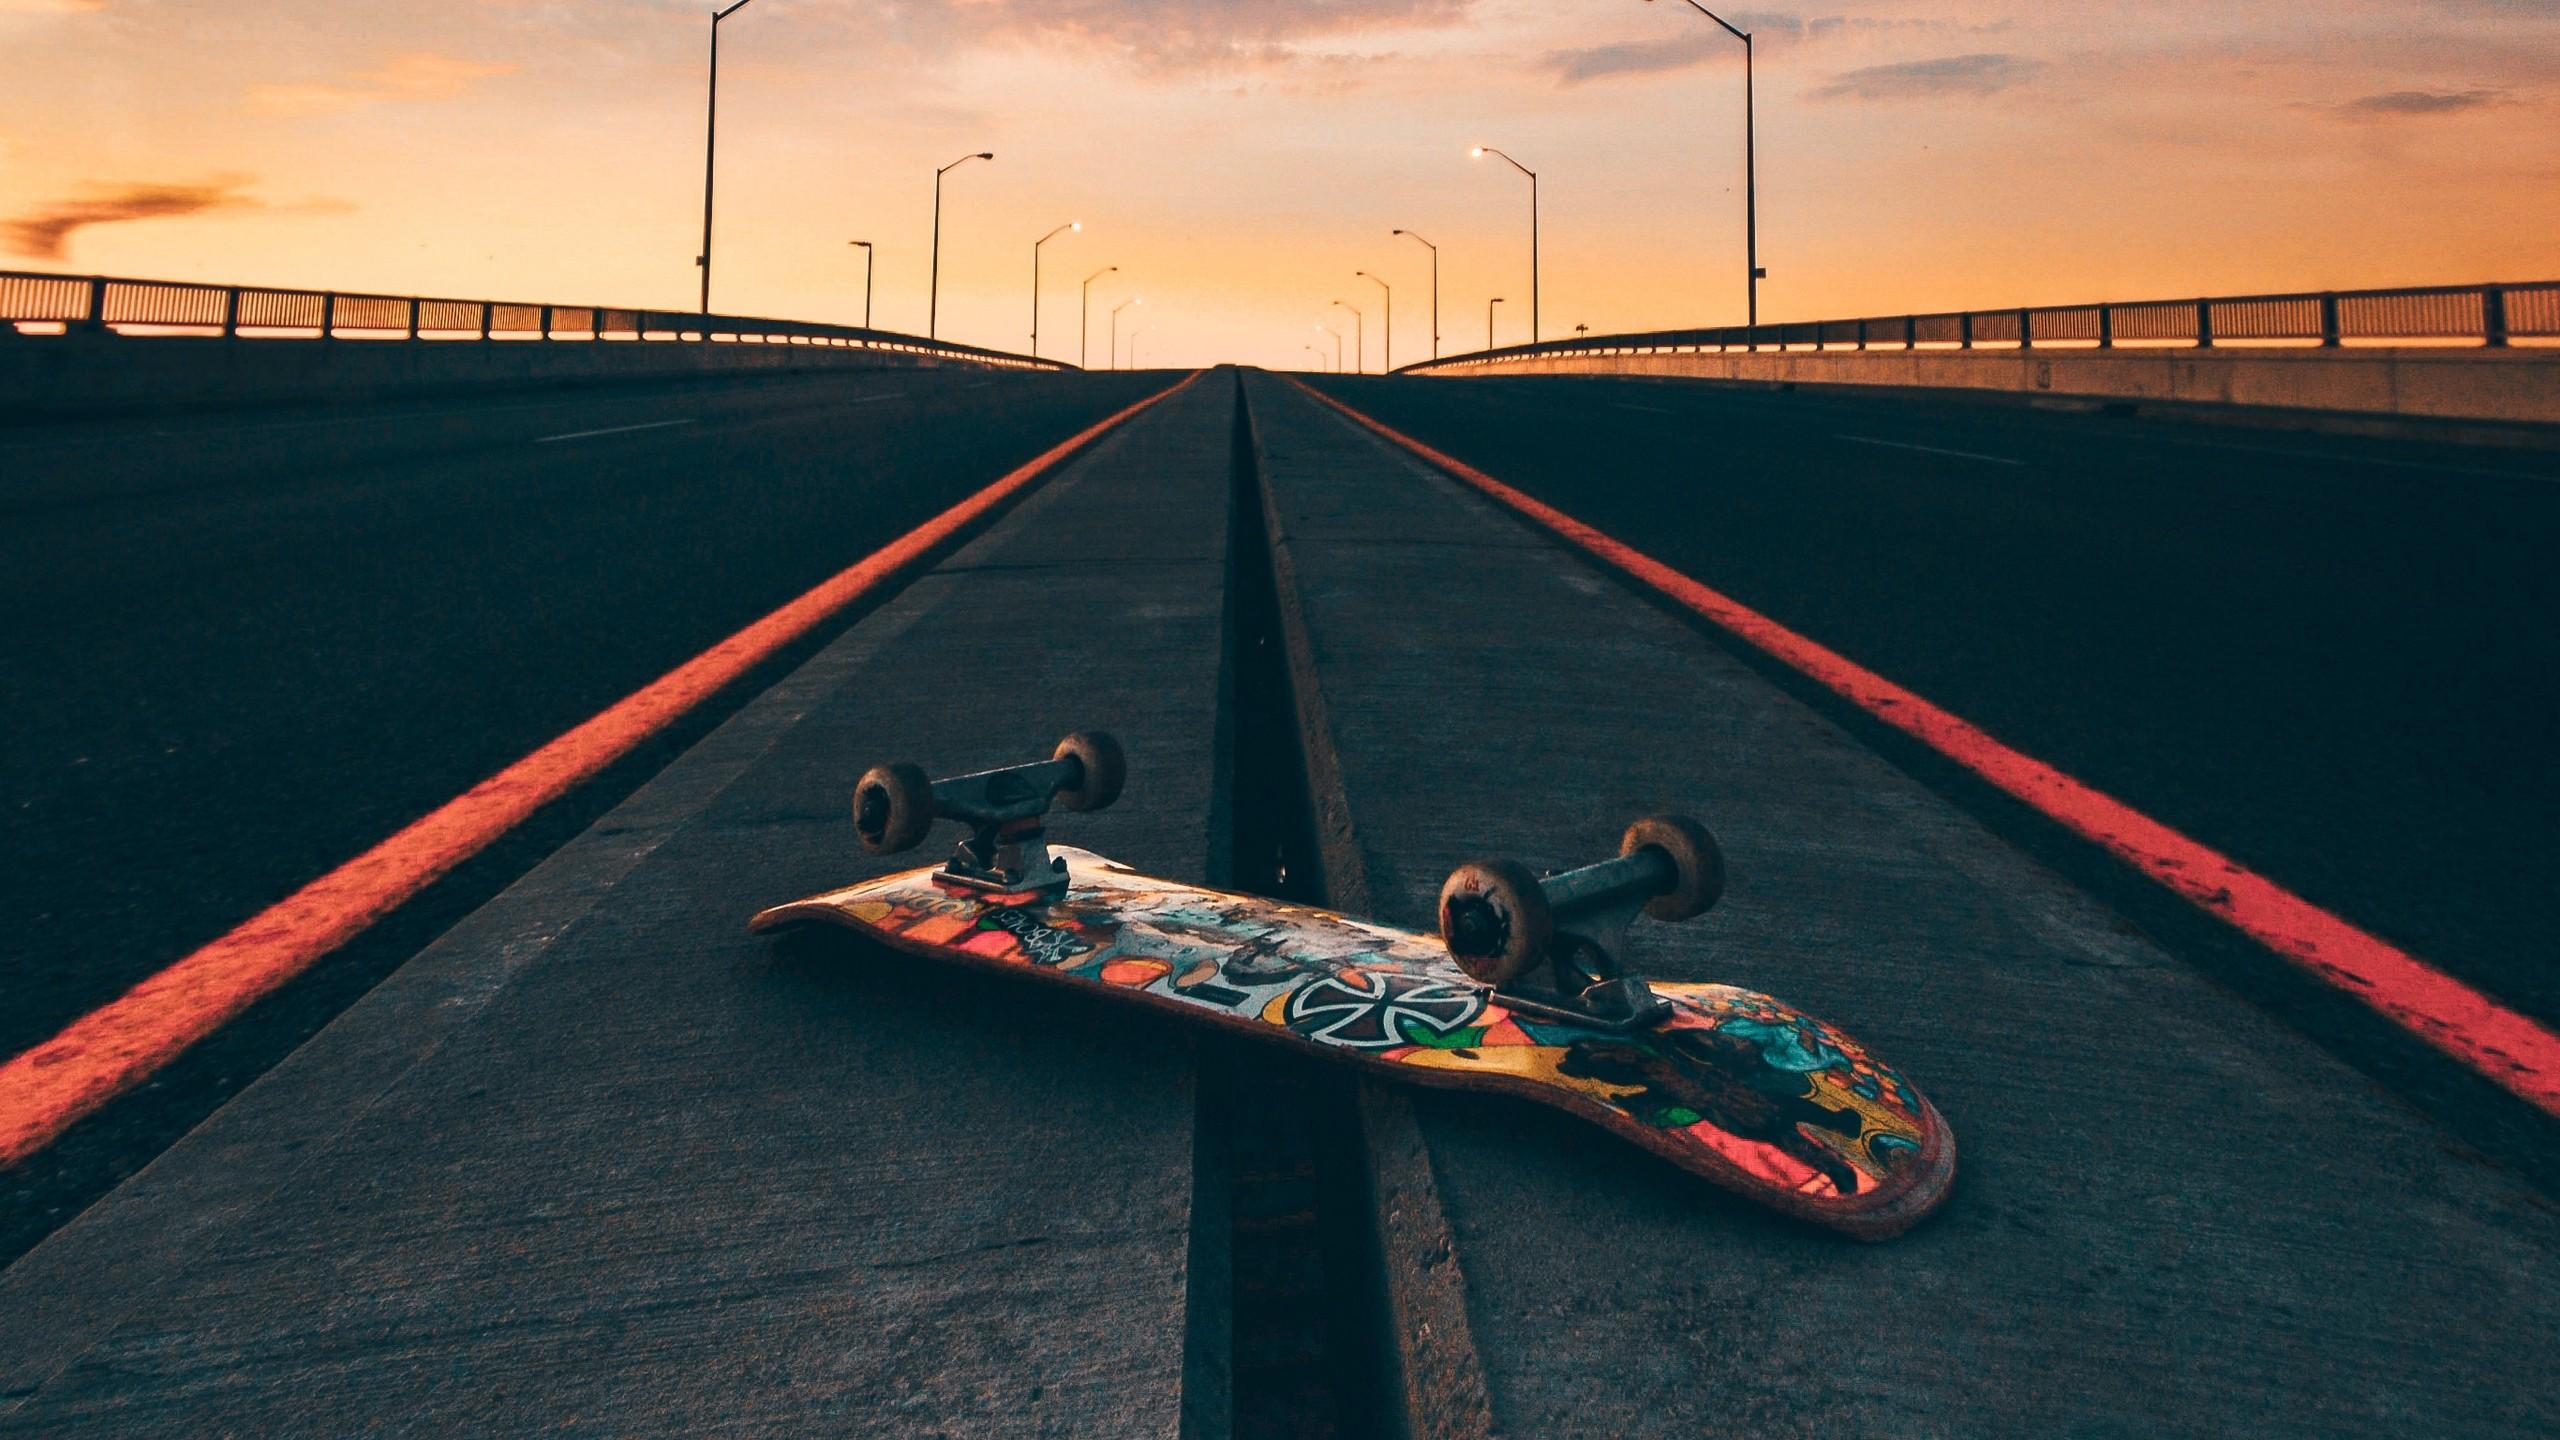 Skateboarding Wallpaper 25601440 07615 HD Wallpapers 2560x1440